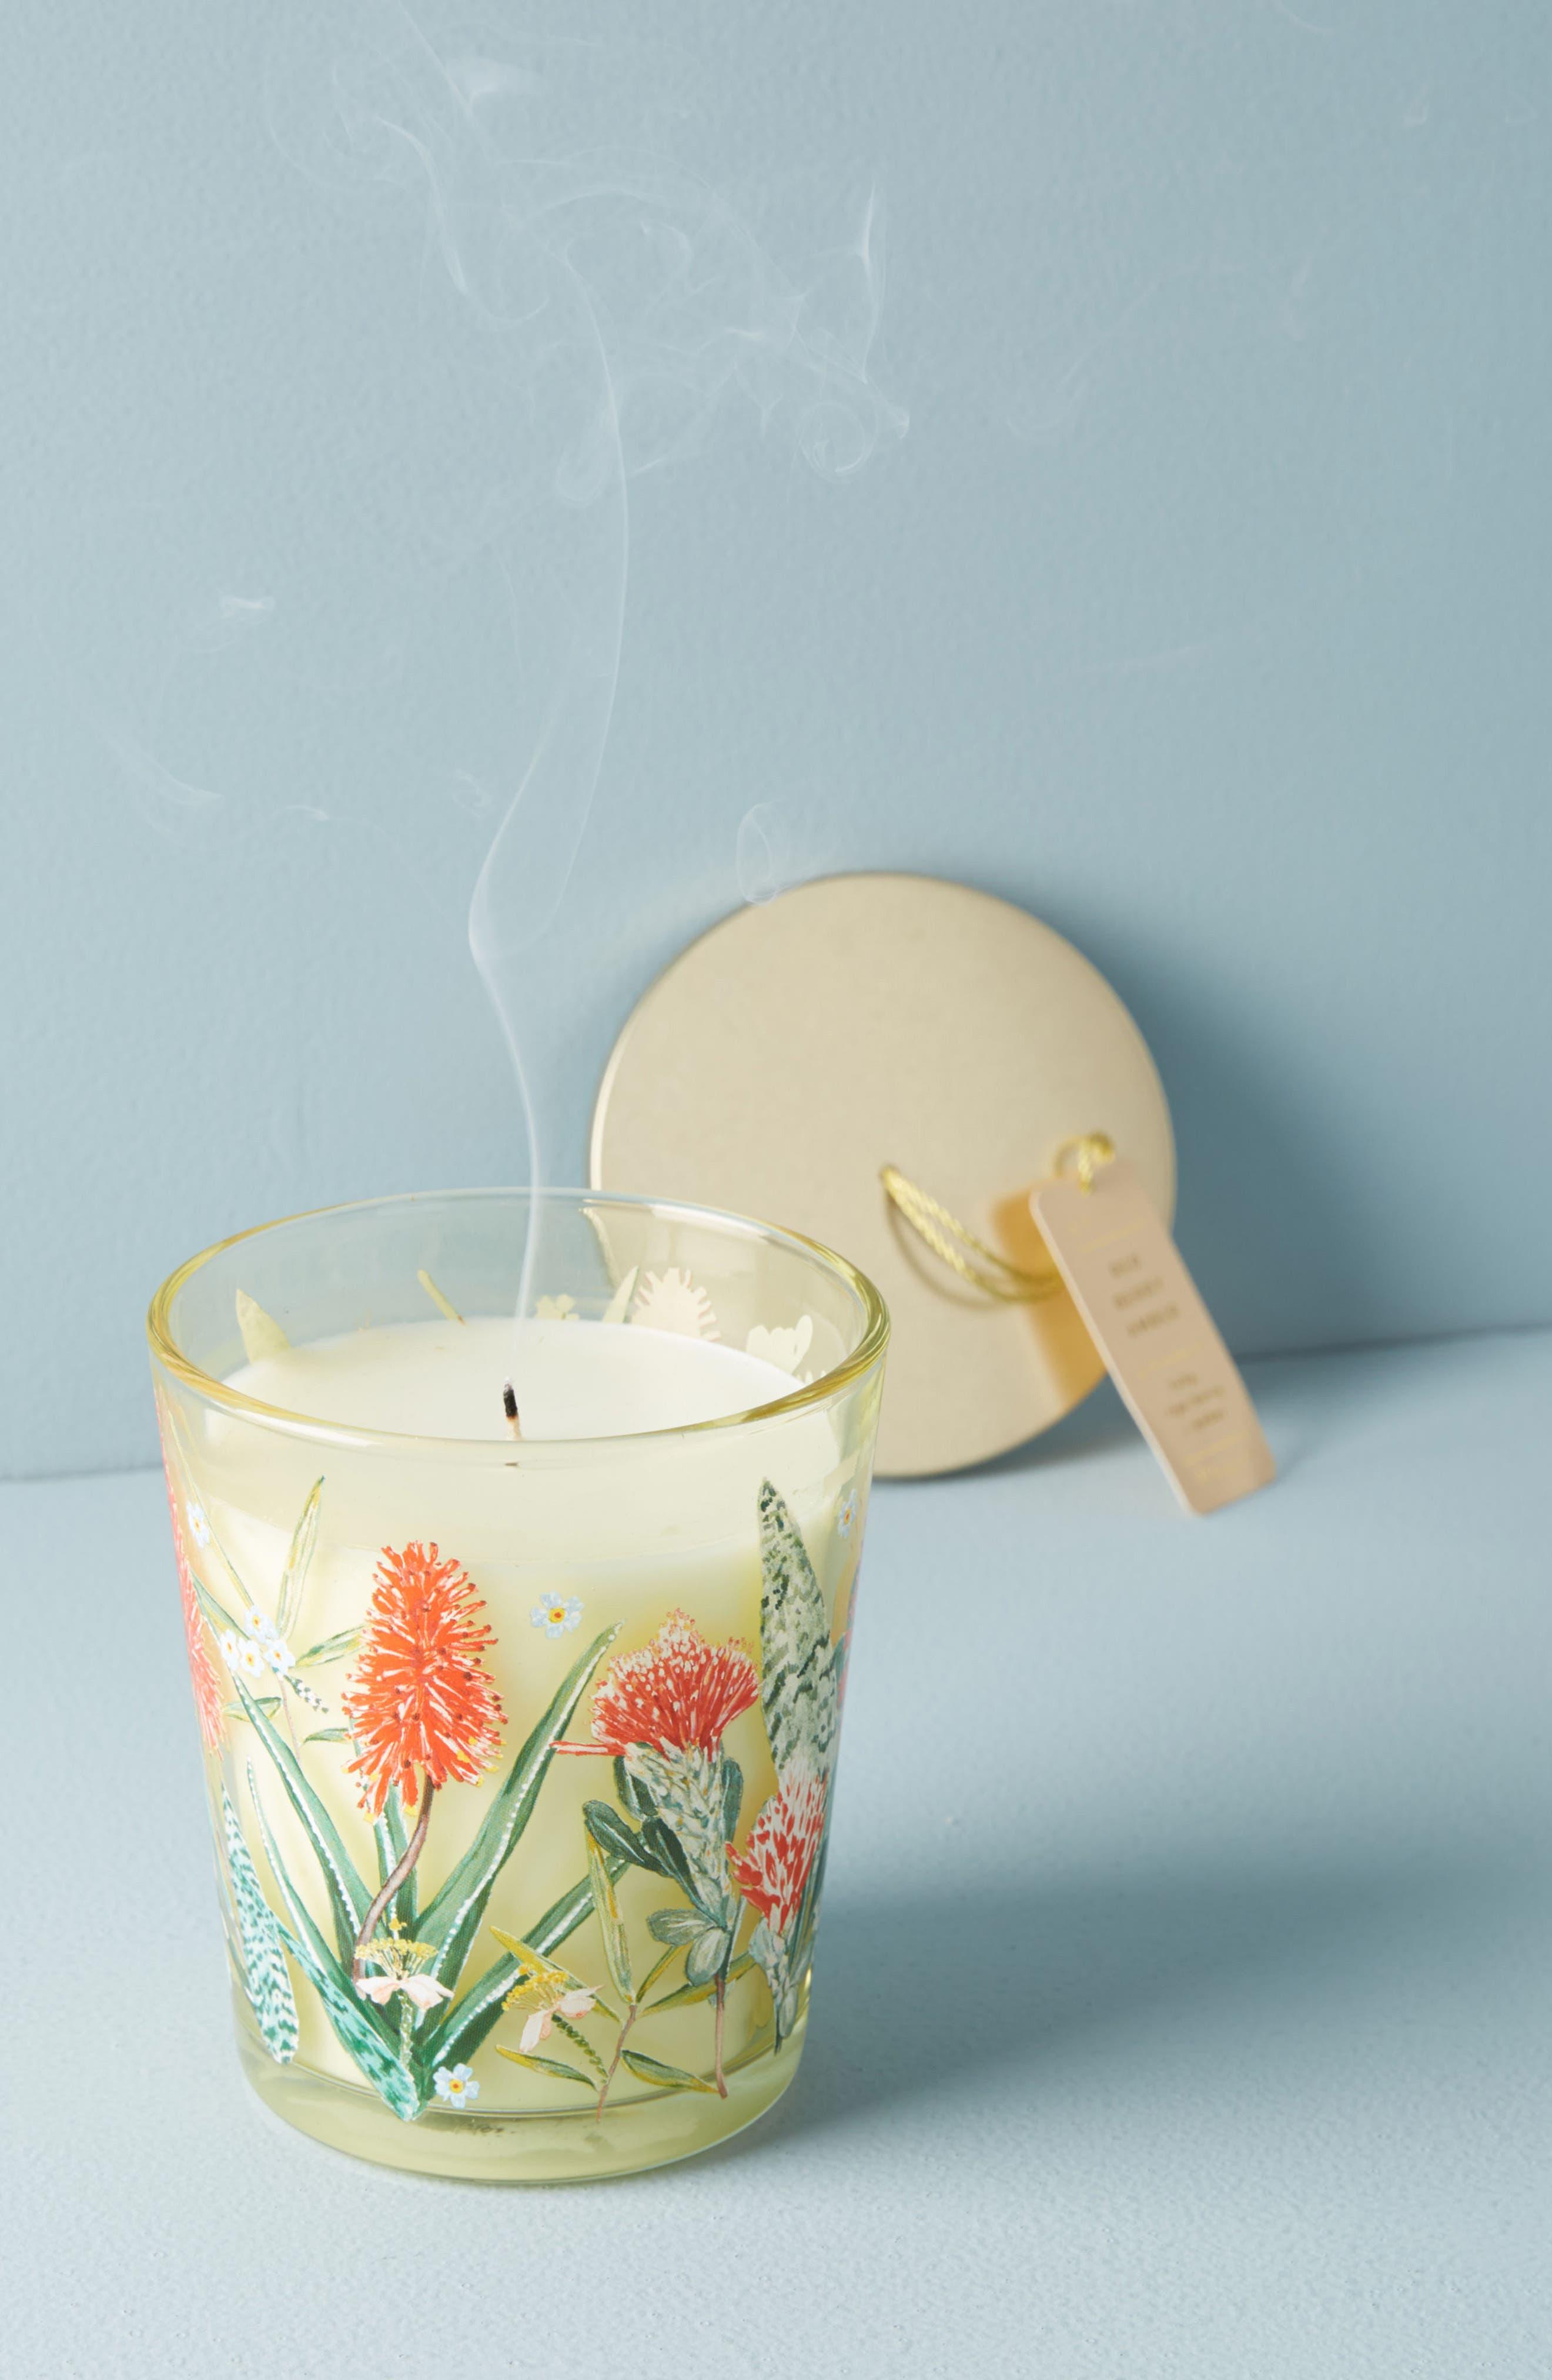 Alternate Image 1 Selected - Anthropologie Spring's Eden Candle Jar